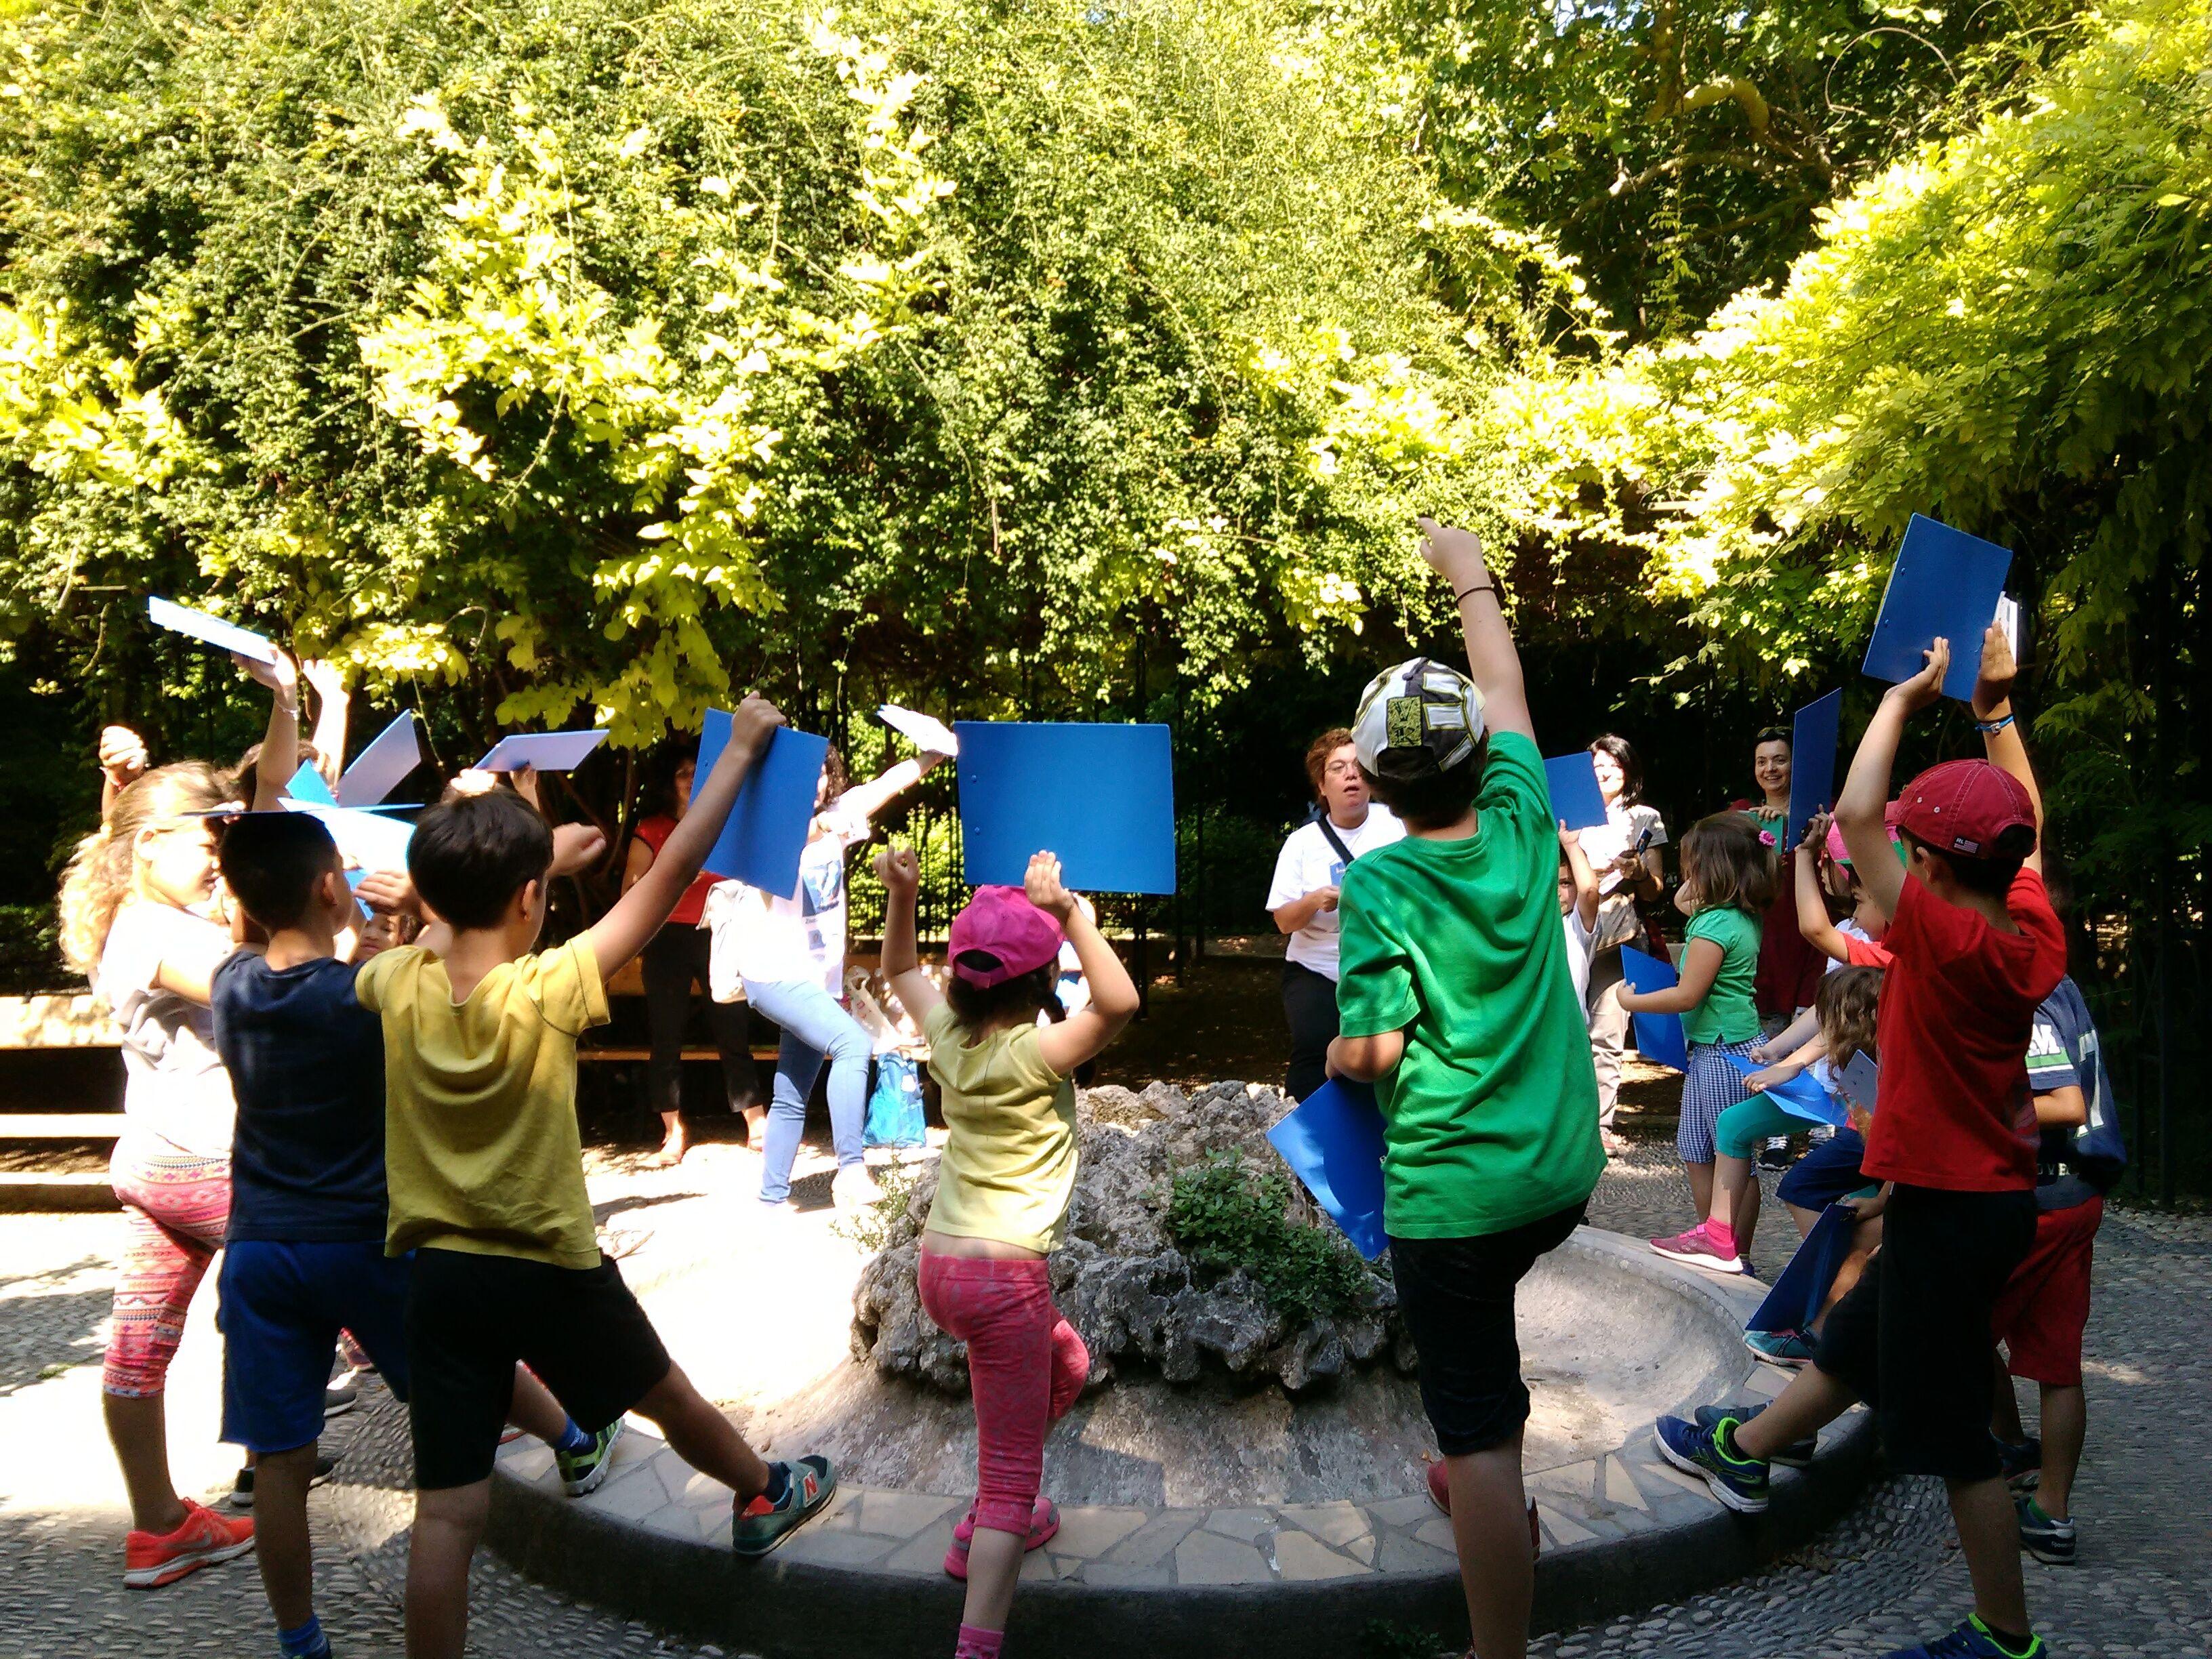 Παιδιά στο πάρκο